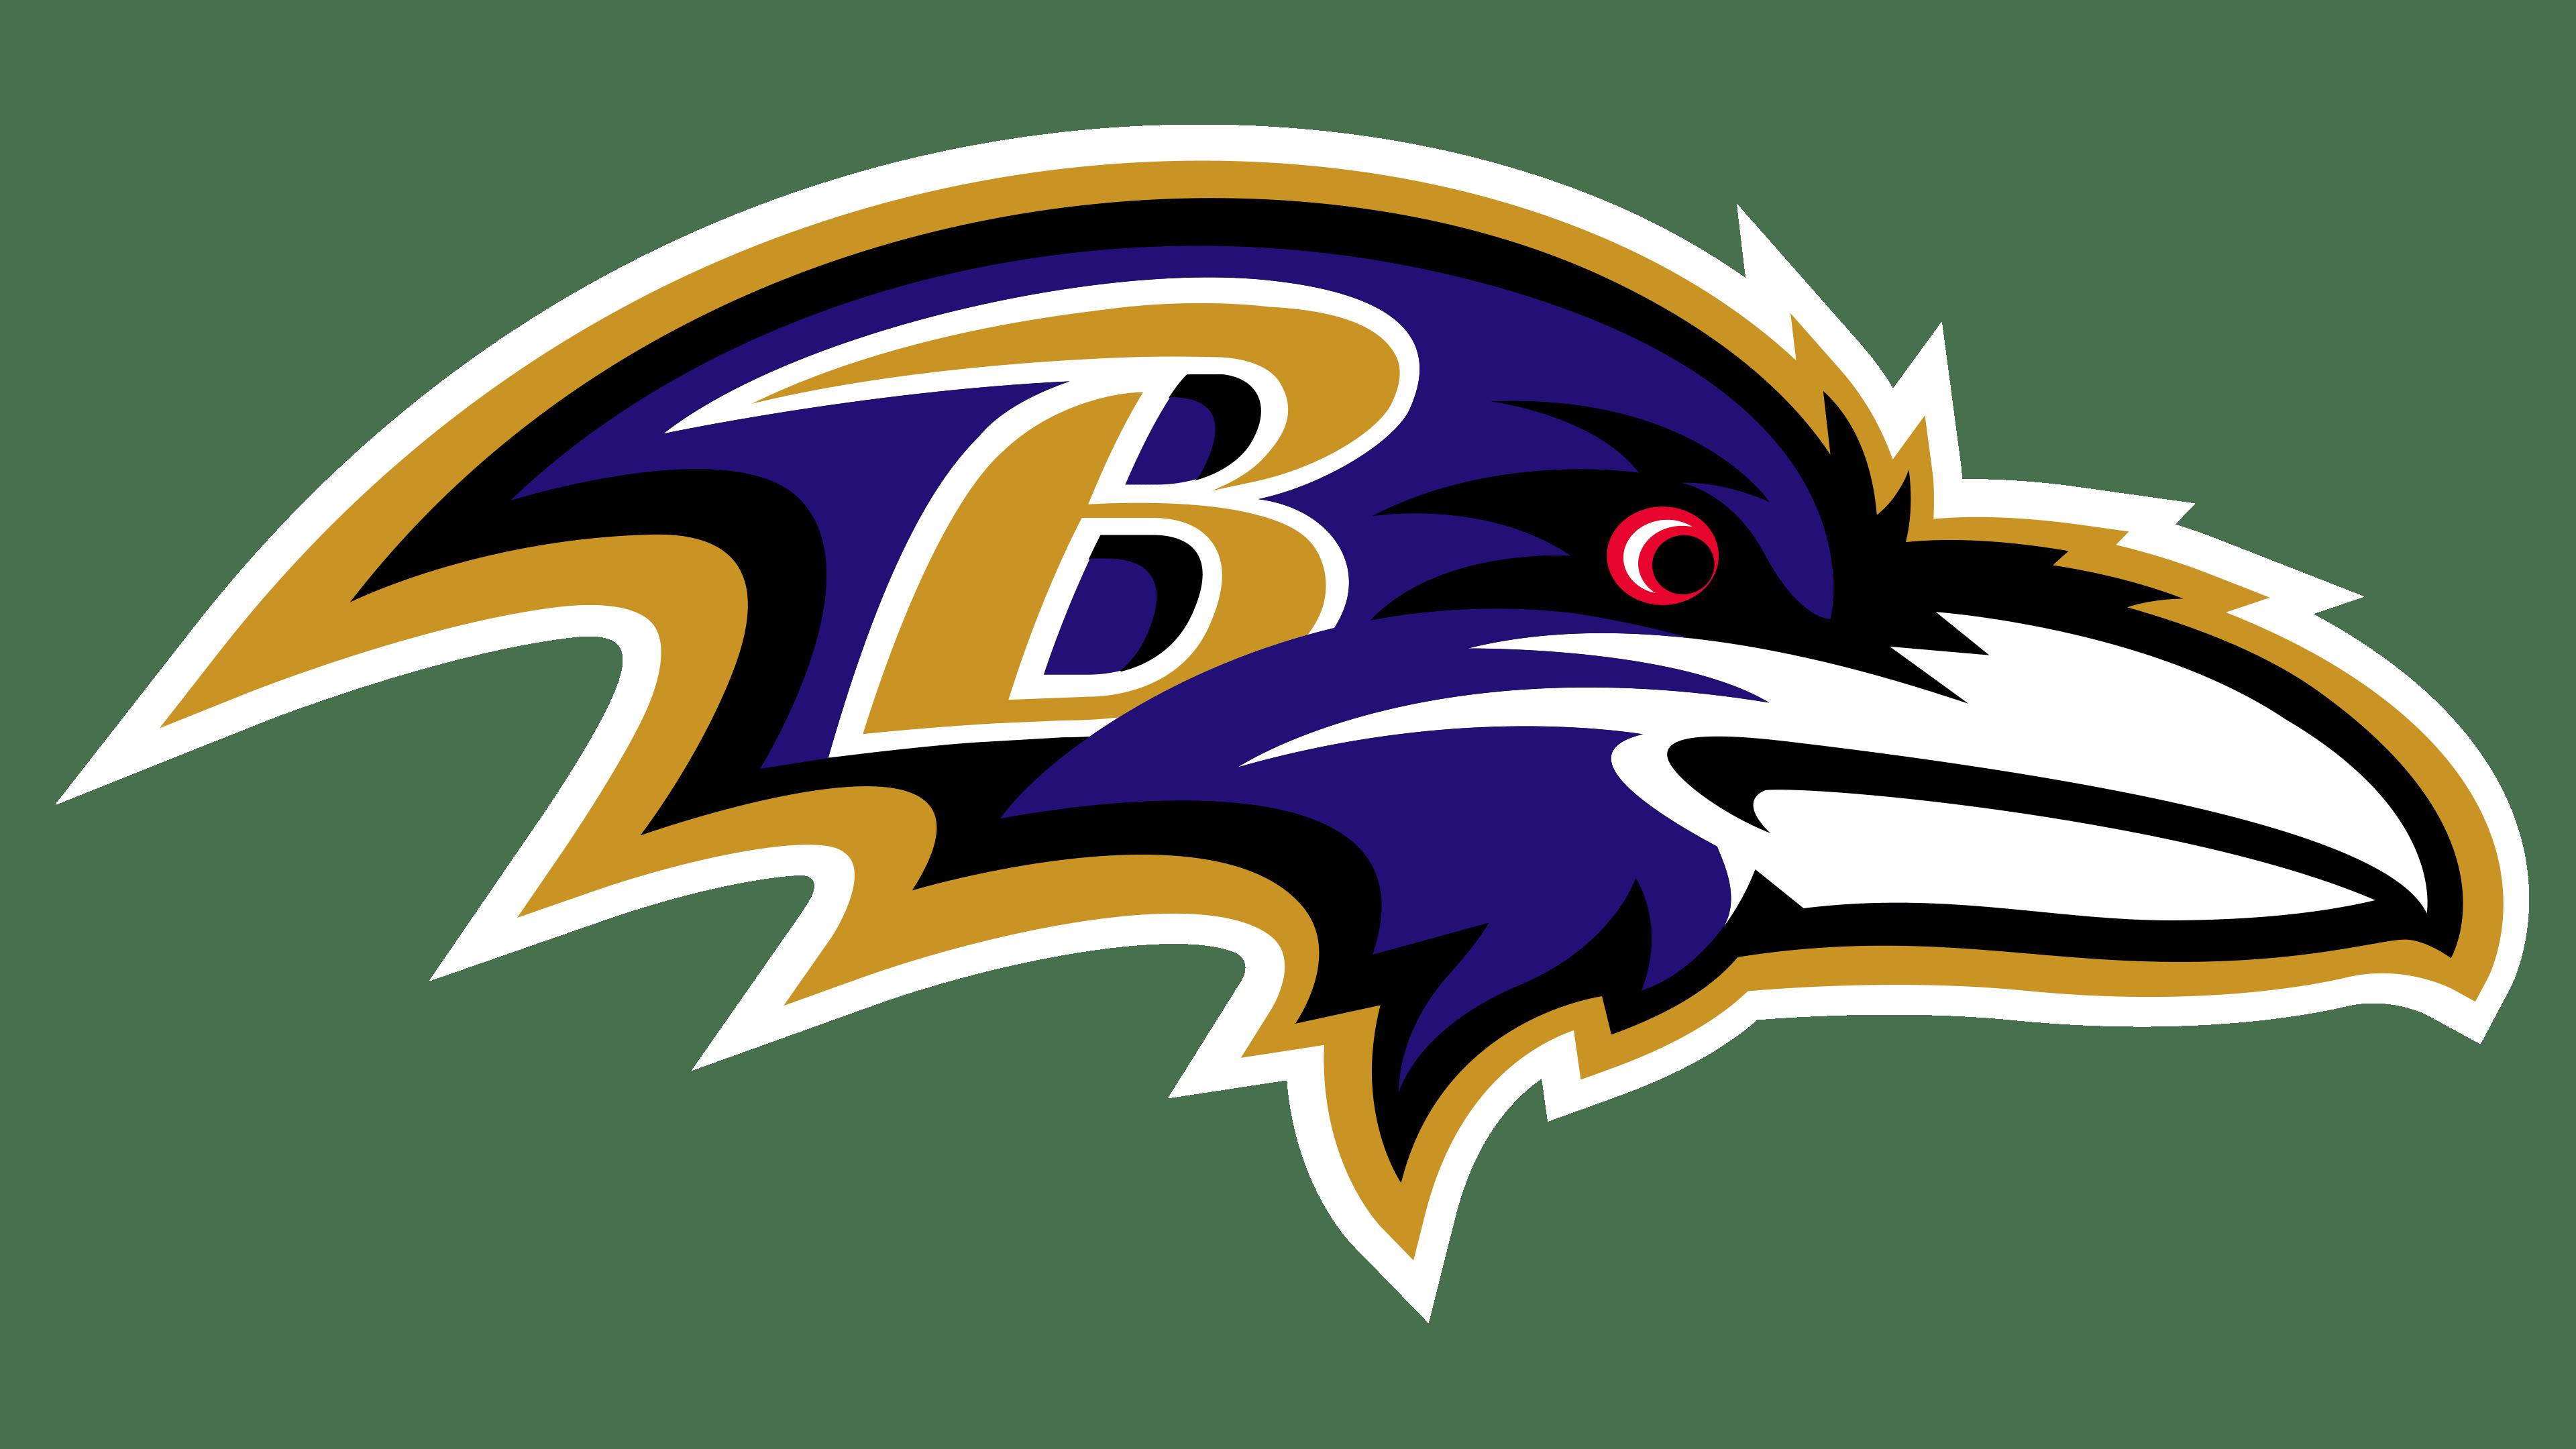 Baltimore Ravens Logos.